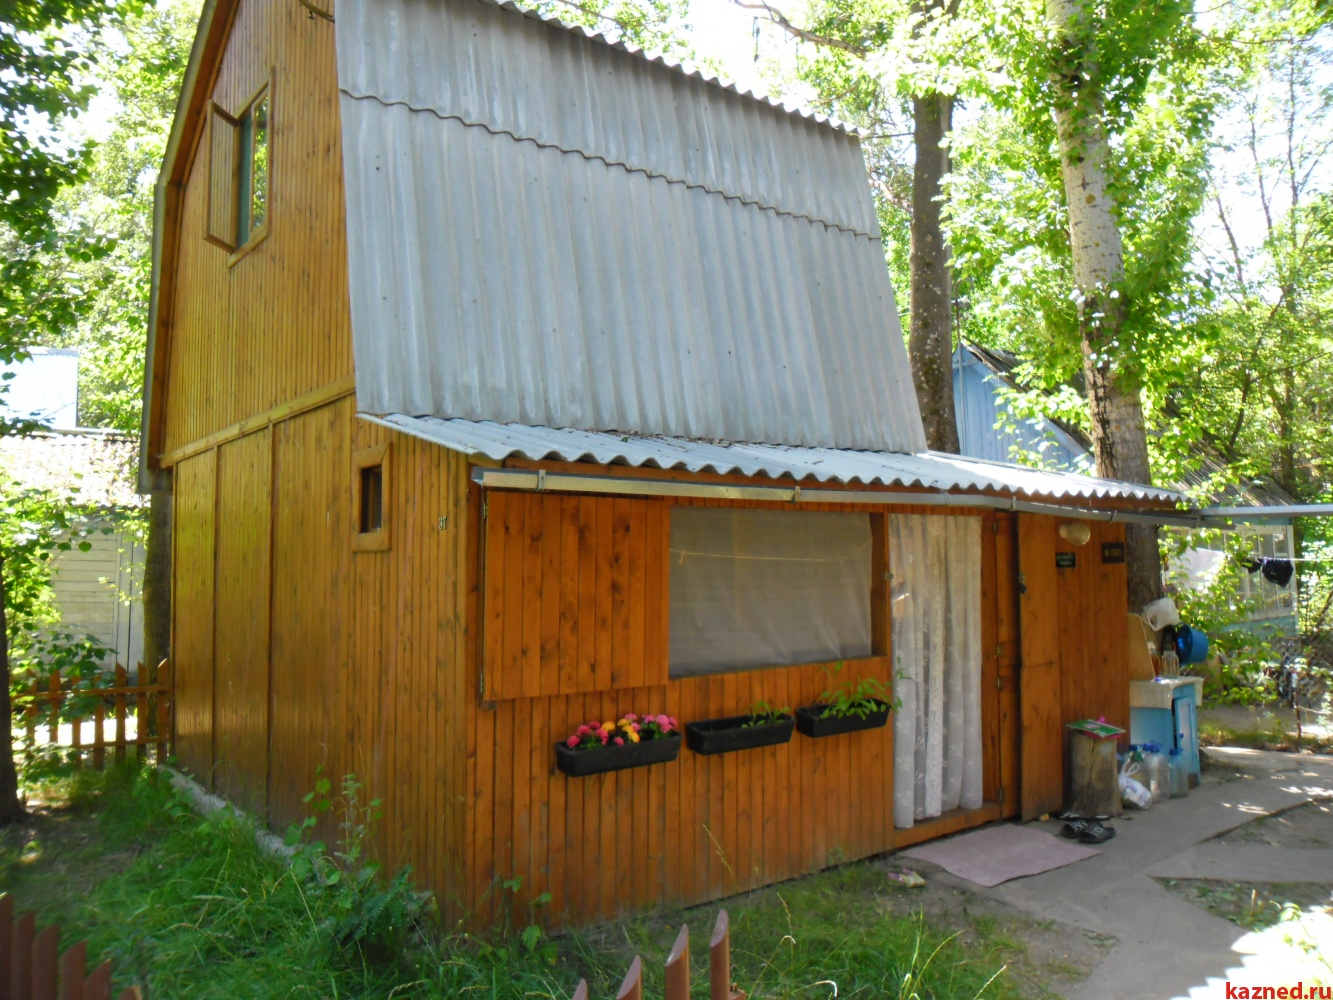 Продается дача на Светлой Поляне (Казань-Боровое Матюшино). (миниатюра №1)